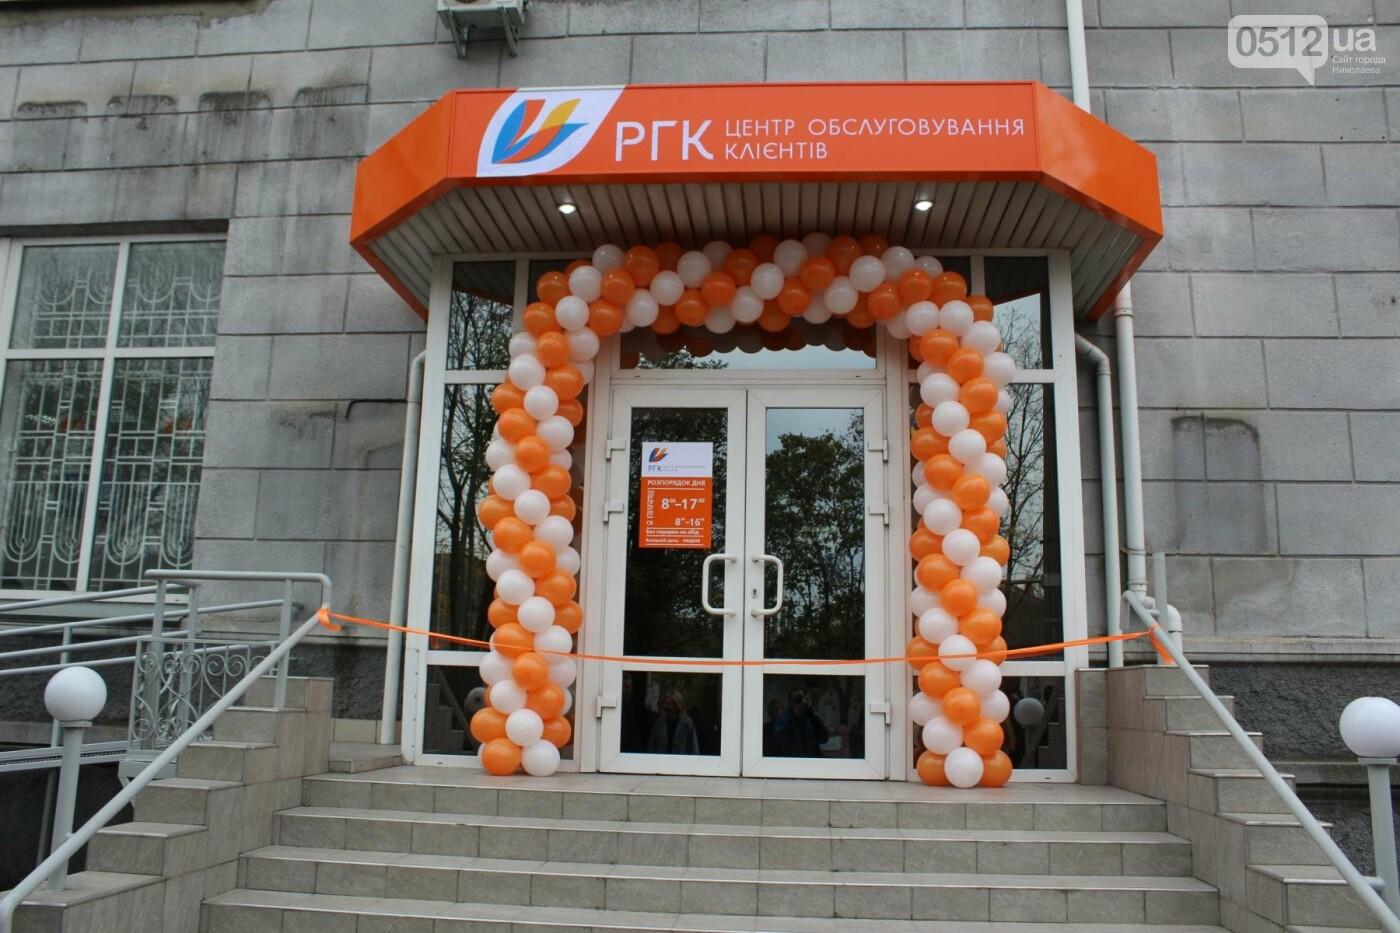 """""""Все услуги в одном месте"""": Николаевгаз открыл новый абонентский центр, - ФОТО, фото-3"""